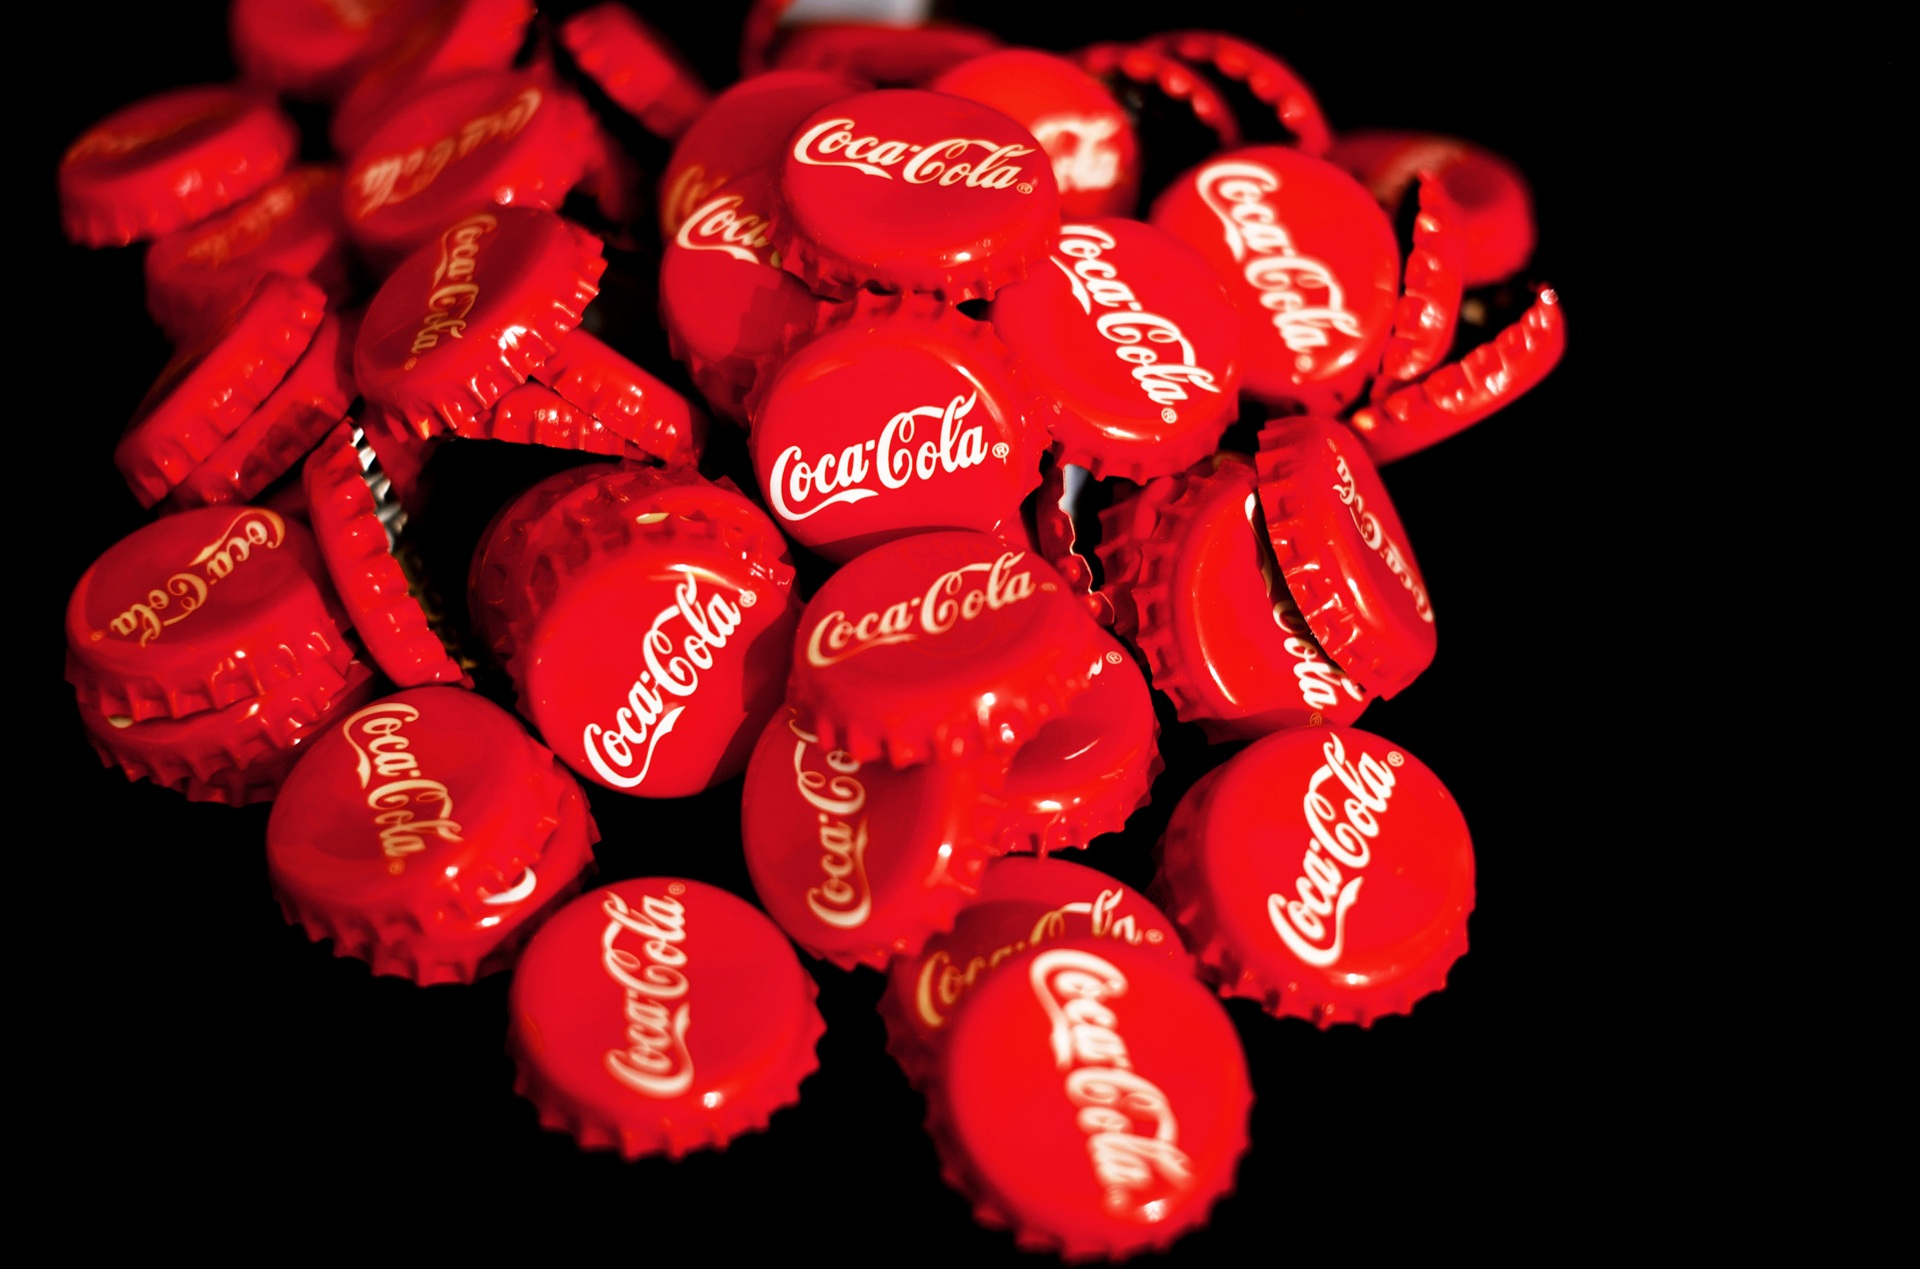 Coca-Cola stock, COKE stock, Coca-Cola, KO stock